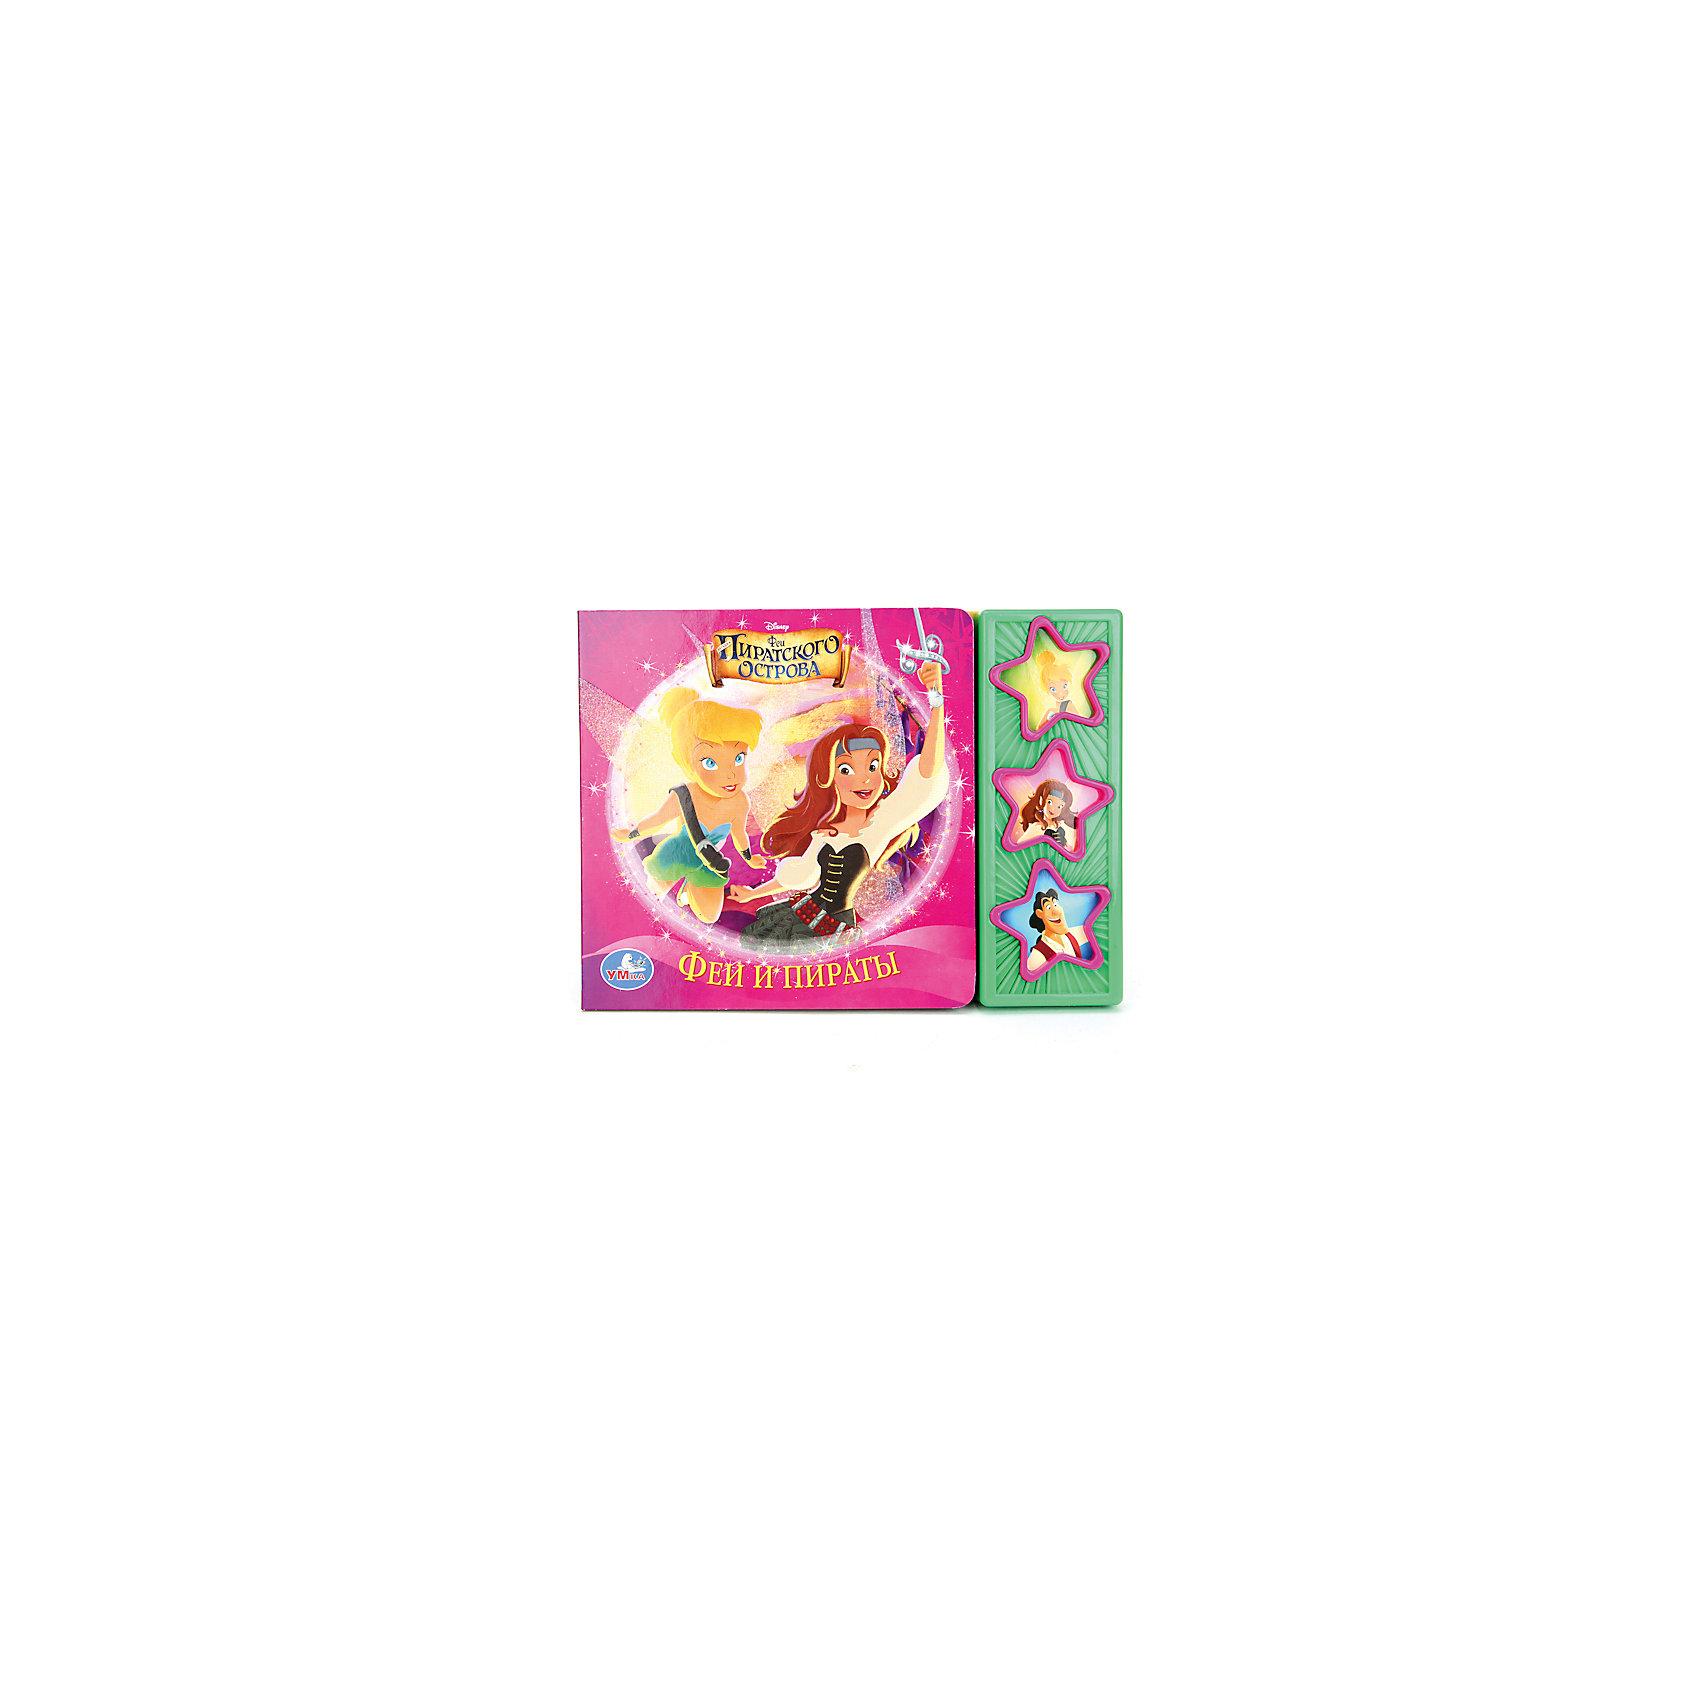 Книга с 3 кнопками Феи и Пираты, Феи ДиснейМузыкальные книги<br>Книга с 3 кнопками Феи и Пираты, Феи Дисней - это красочная картонная книга со звуковым модулем.<br>Эта очаровательная книжка наполнена сказочным духом и волшебством! В ней рассказывается о путешествии известной феечки из мультфильма «Феи пиратского острова» - Динь-Динь. Помимо захватывающей истории, в книге яркие и красочные иллюстрации и звуковой модуль с тремя музыкальными кнопкам. Формат книги идеально подходит для маленьких детских рук, страницы из плотного картона не так просто помять или порвать. Книга развивает у ребенка интерес к чтению, слуховое и зрительное восприятие, мелкую моторику.<br><br>Дополнительная информация:<br><br>- Редактор-составитель: Сатеник Анастасян<br>- Иллюстратор: Вадим Калинин<br>- Издательство: Умка<br>- Тип обложки: картон<br>- Звуковой модуль с тремя кнопками<br>- Иллюстрации: цветные<br>- Количество страниц: 6 (картон)<br>- Батарейки: 3 типа LR44 (входят в комплект)<br>- Размер: 210х150х20 мм.<br>- Вес: 200 гр.<br><br>Книгу с 3 кнопками Феи и Пираты, Феи Дисней можно купить в нашем интернет-магазине.<br><br>Ширина мм: 210<br>Глубина мм: 150<br>Высота мм: 20<br>Вес г: 200<br>Возраст от месяцев: 36<br>Возраст до месяцев: 2147483647<br>Пол: Женский<br>Возраст: Детский<br>SKU: 4578994